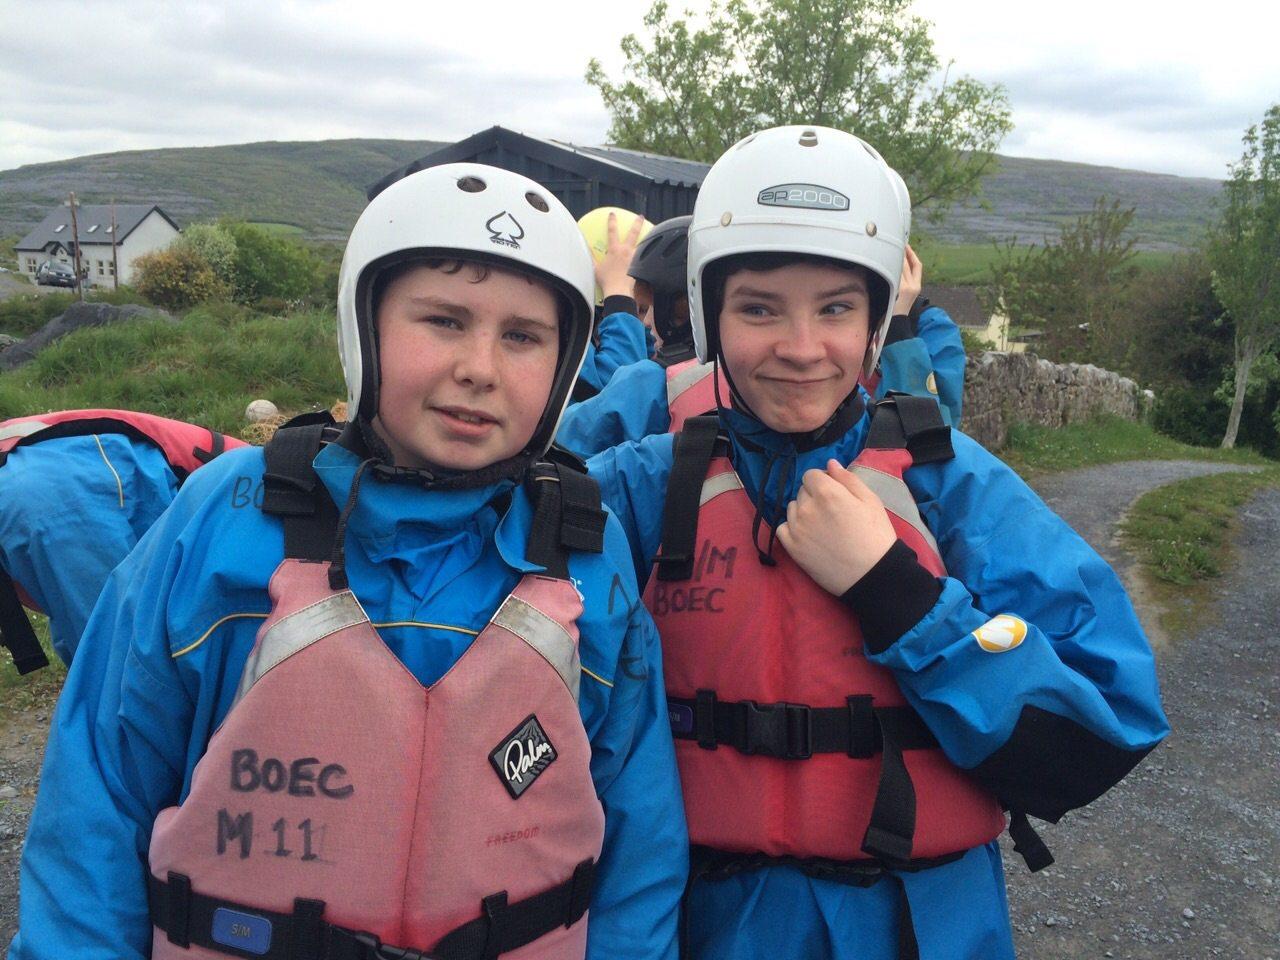 Desmond College: First Year Bonding Trip to the Burren